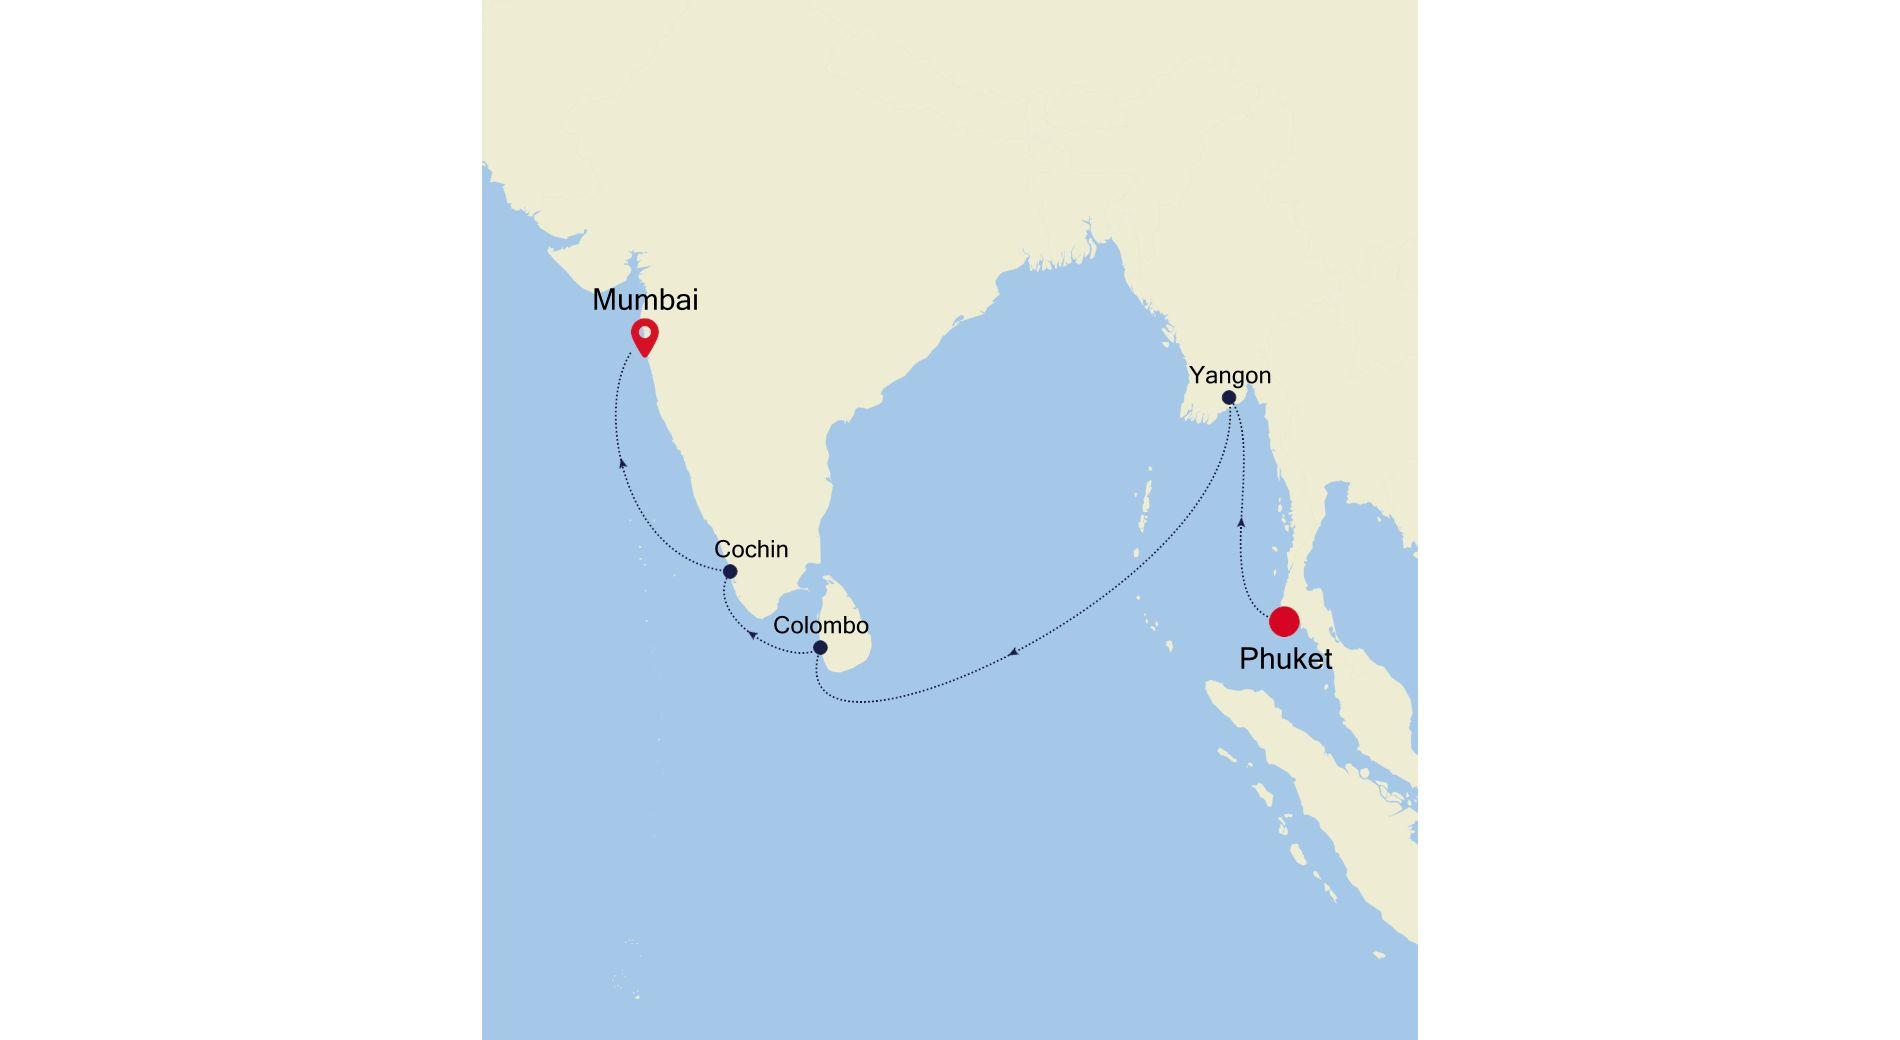 5005A - Phuket nach Mumbai